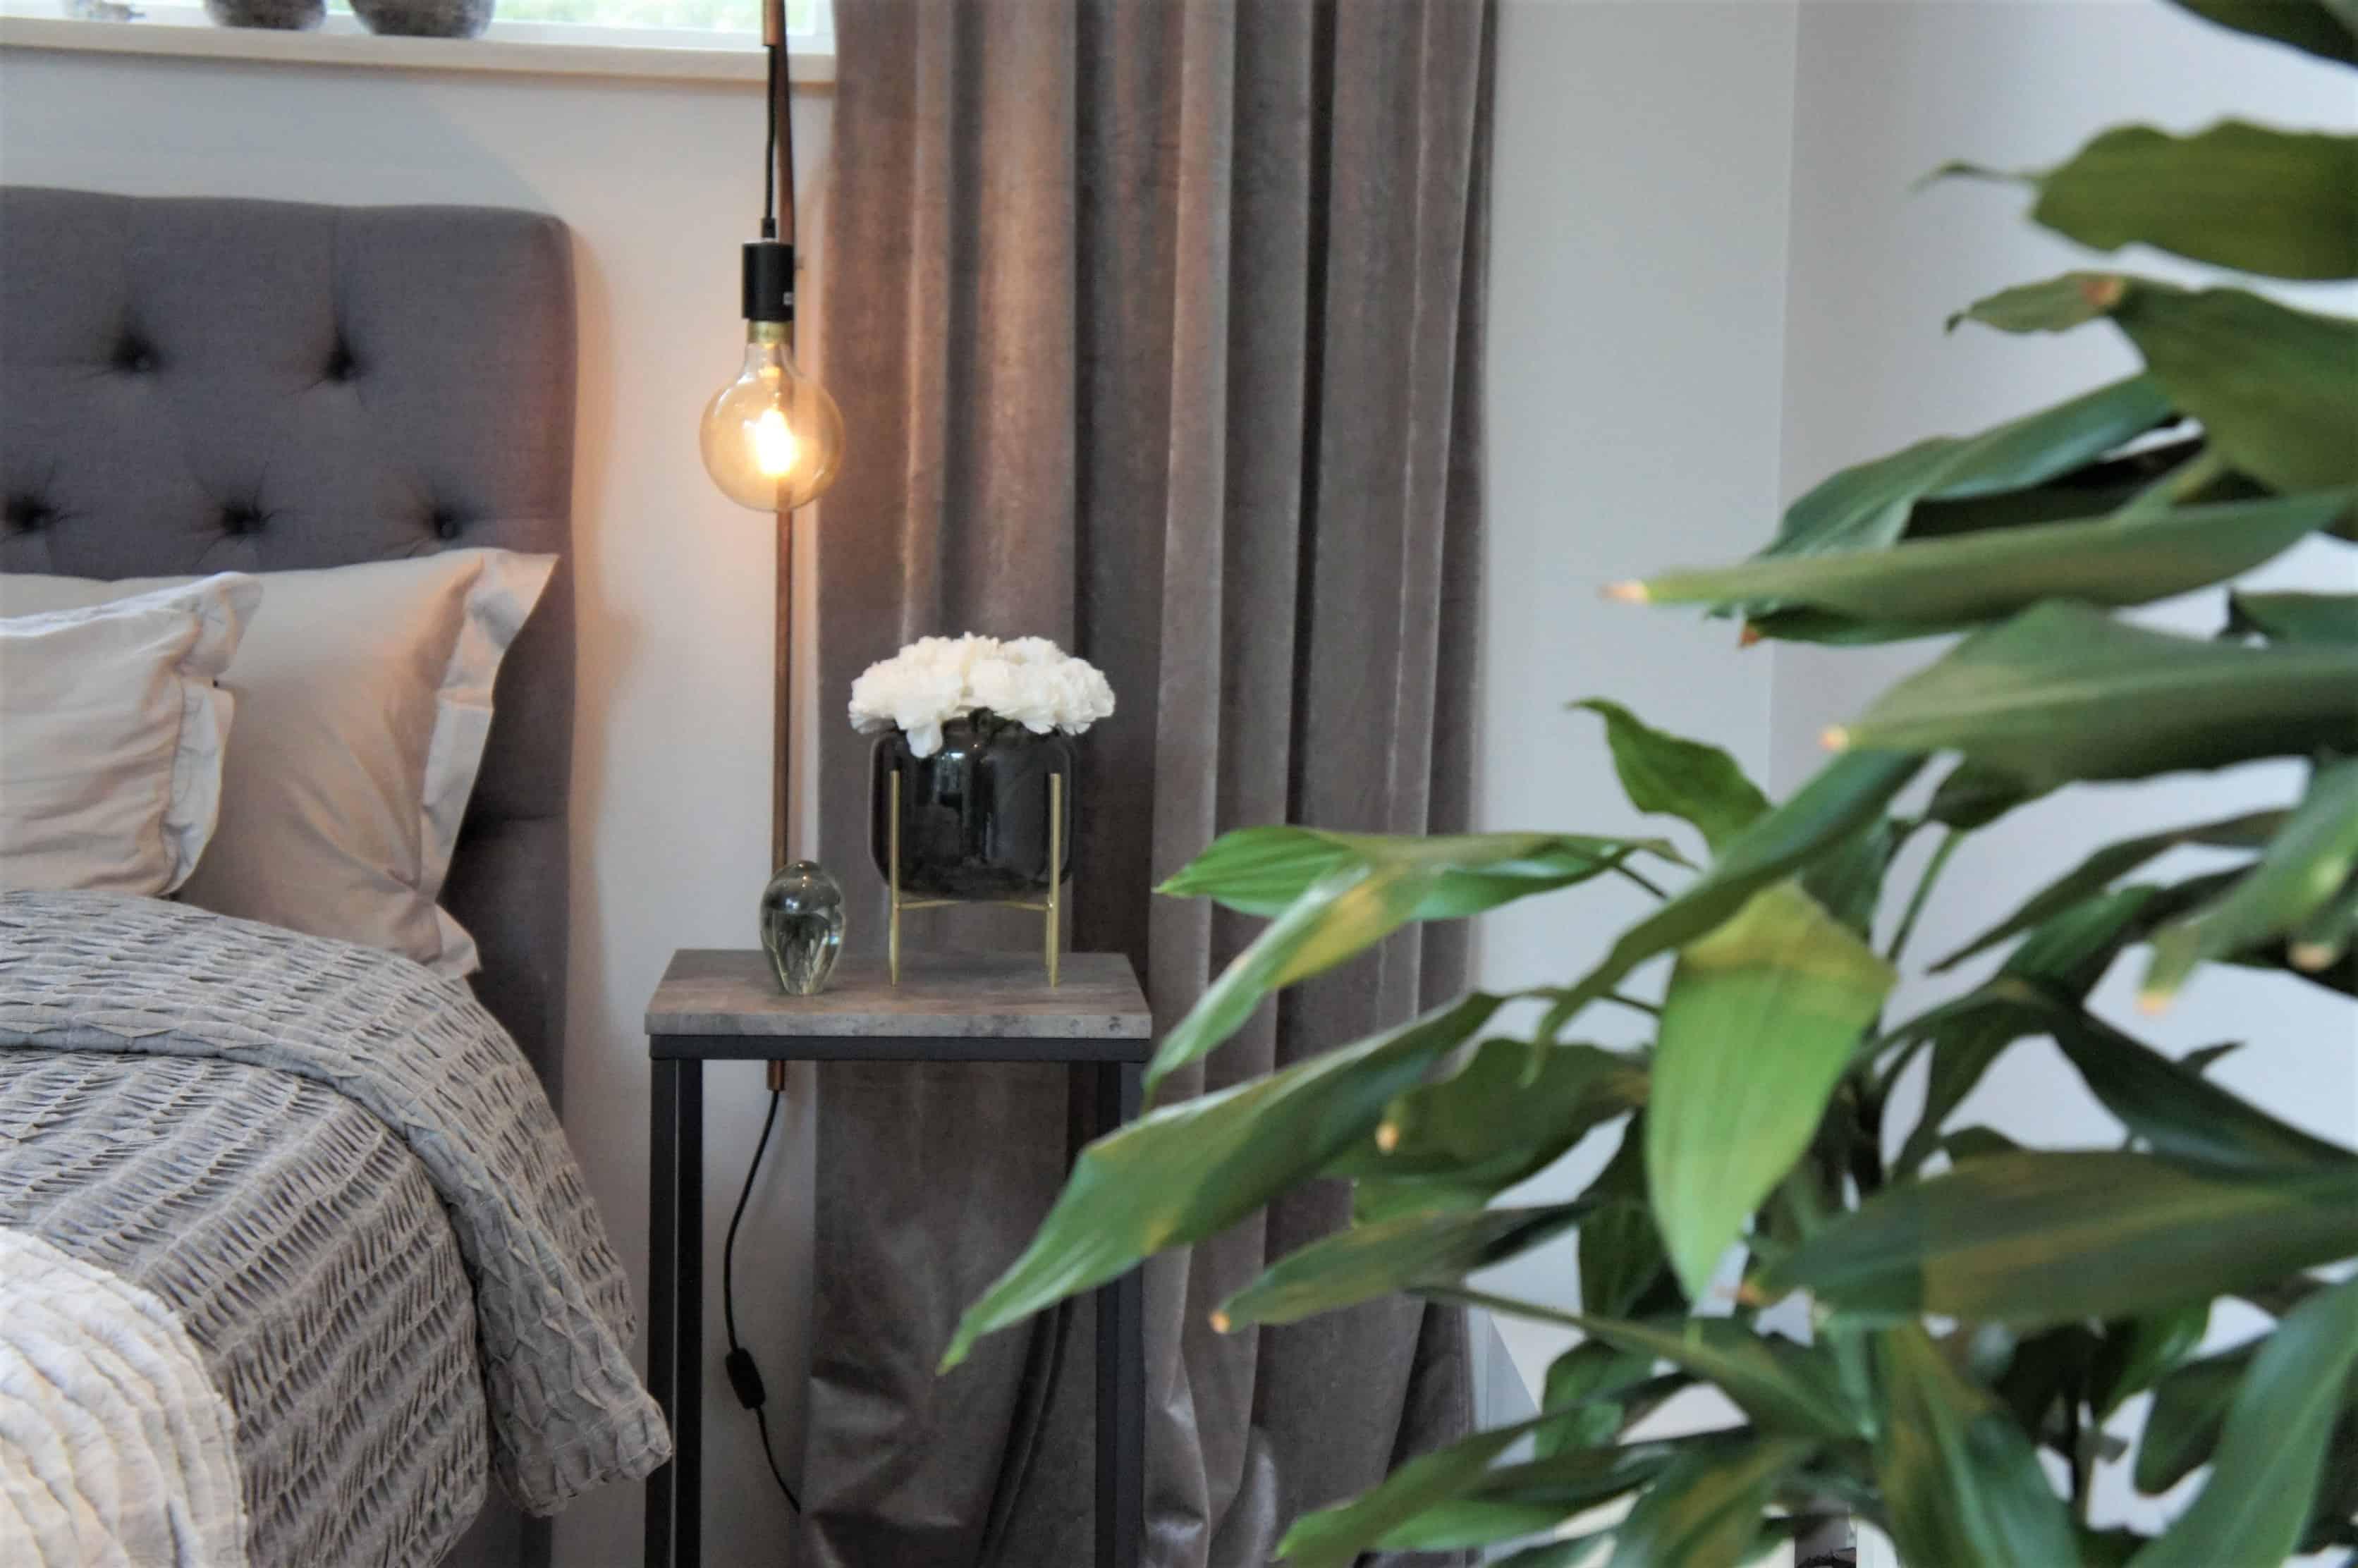 master bedroom sammet sovrum velvet